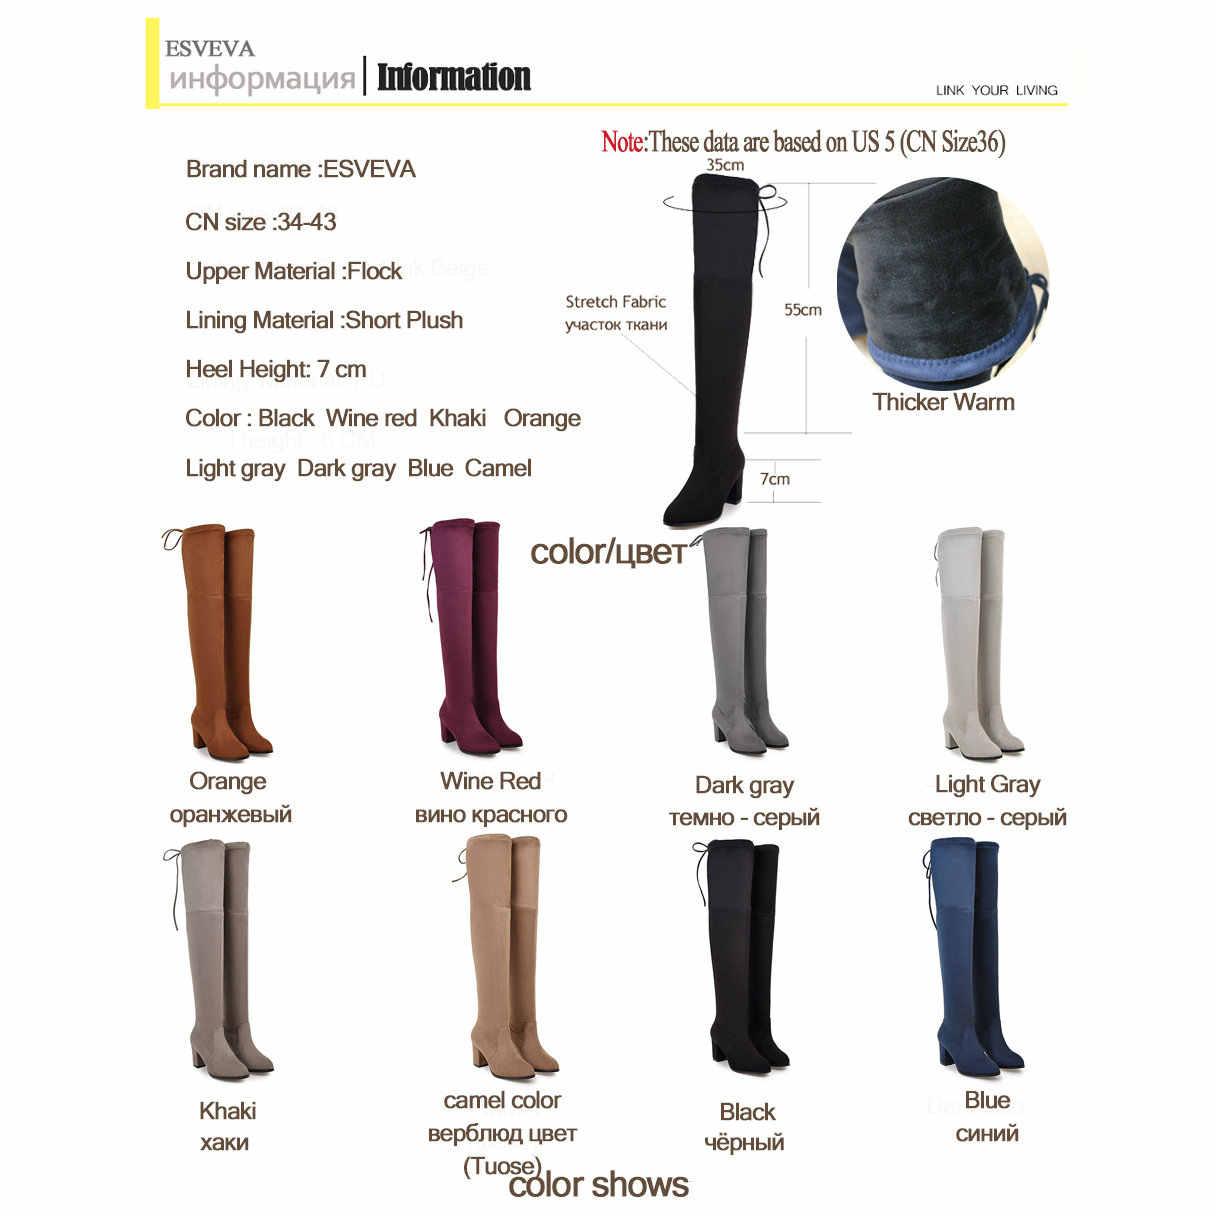 ESVEVA 2018 รองเท้าบู๊ทรองเท้าส้นสูงกว่าเข่าบู๊ทส์ฤดูหนาวรอบ Toe สุภาพสตรีตุ๊กตาสั้น Elegant รองเท้าขนาดใหญ่ 34-43